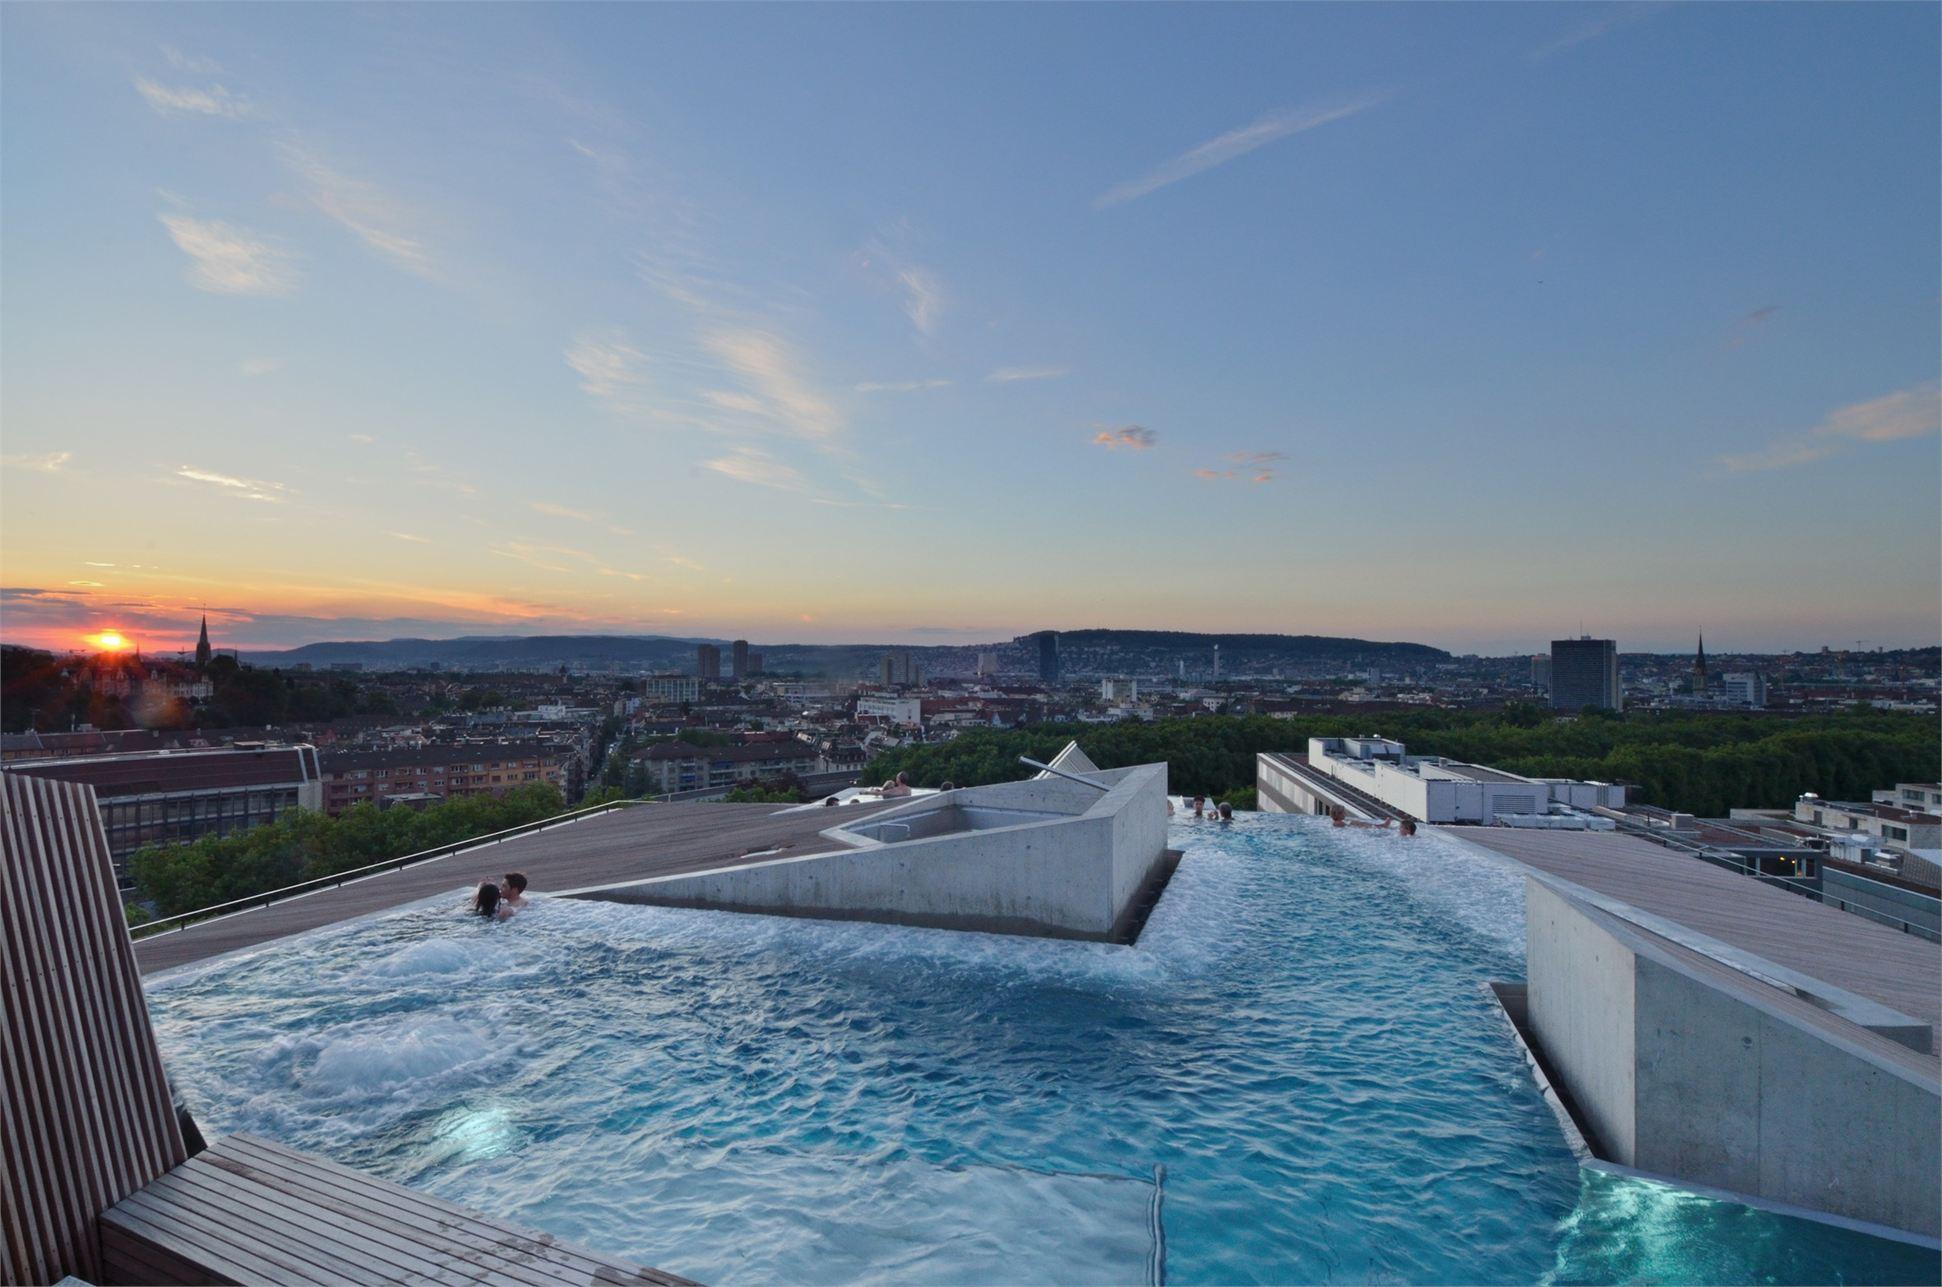 Hotel outdoor pool design  B2 Boutique Hotel by Althammer Hochuli Architekten | Architecture ...